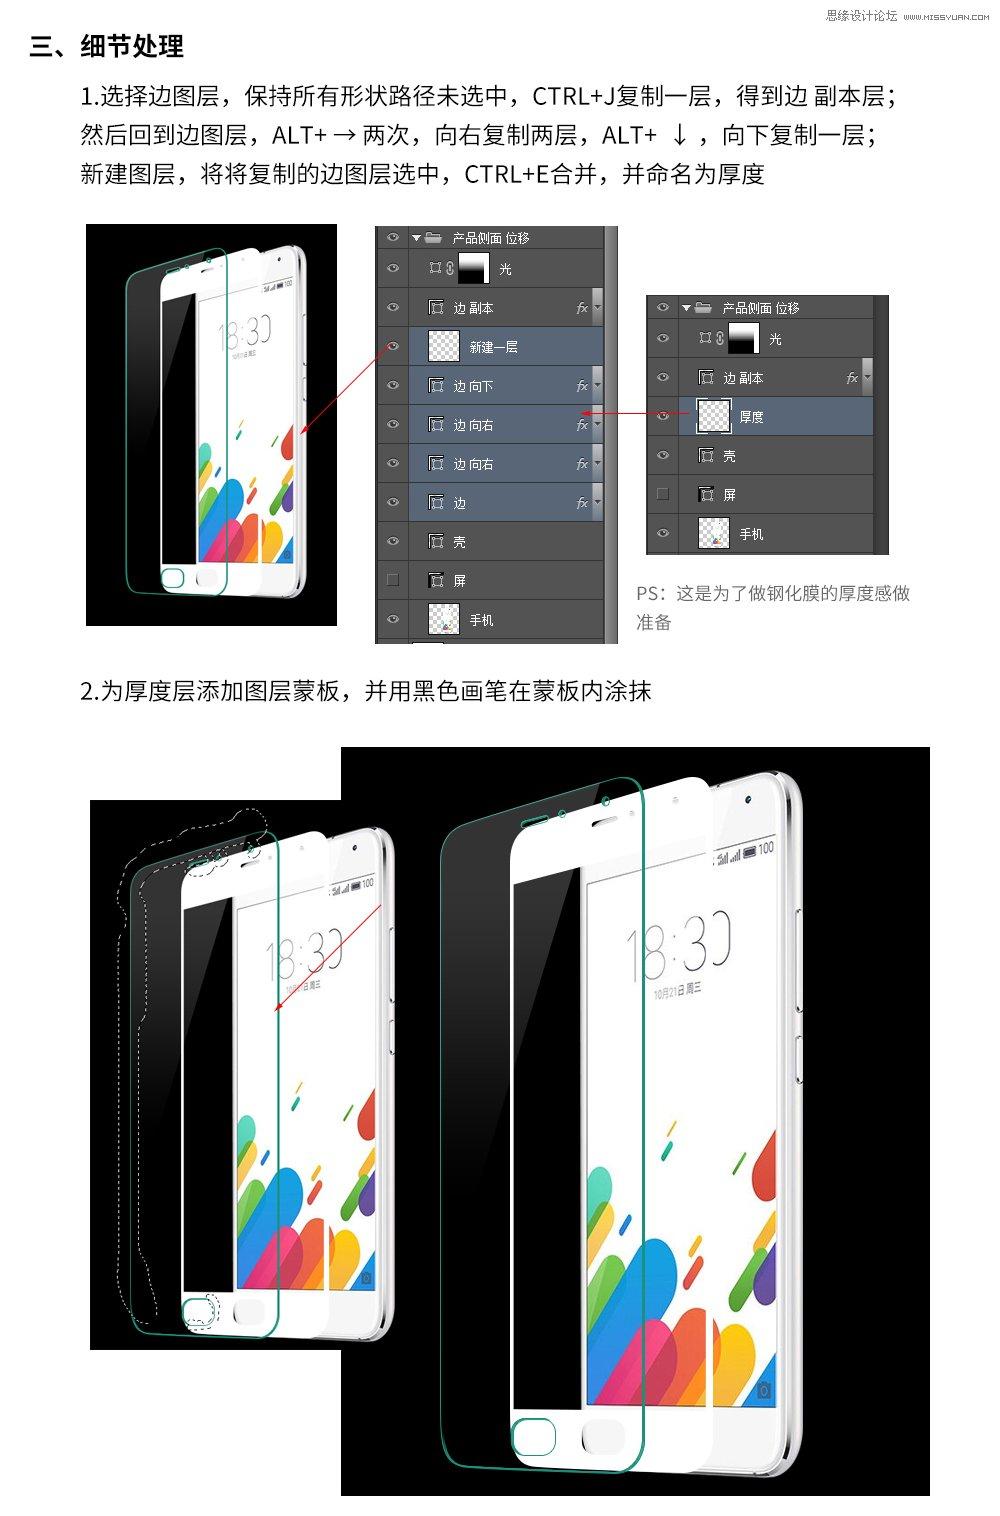 Photoshop繪製立體風格的手機鋼化膜教程